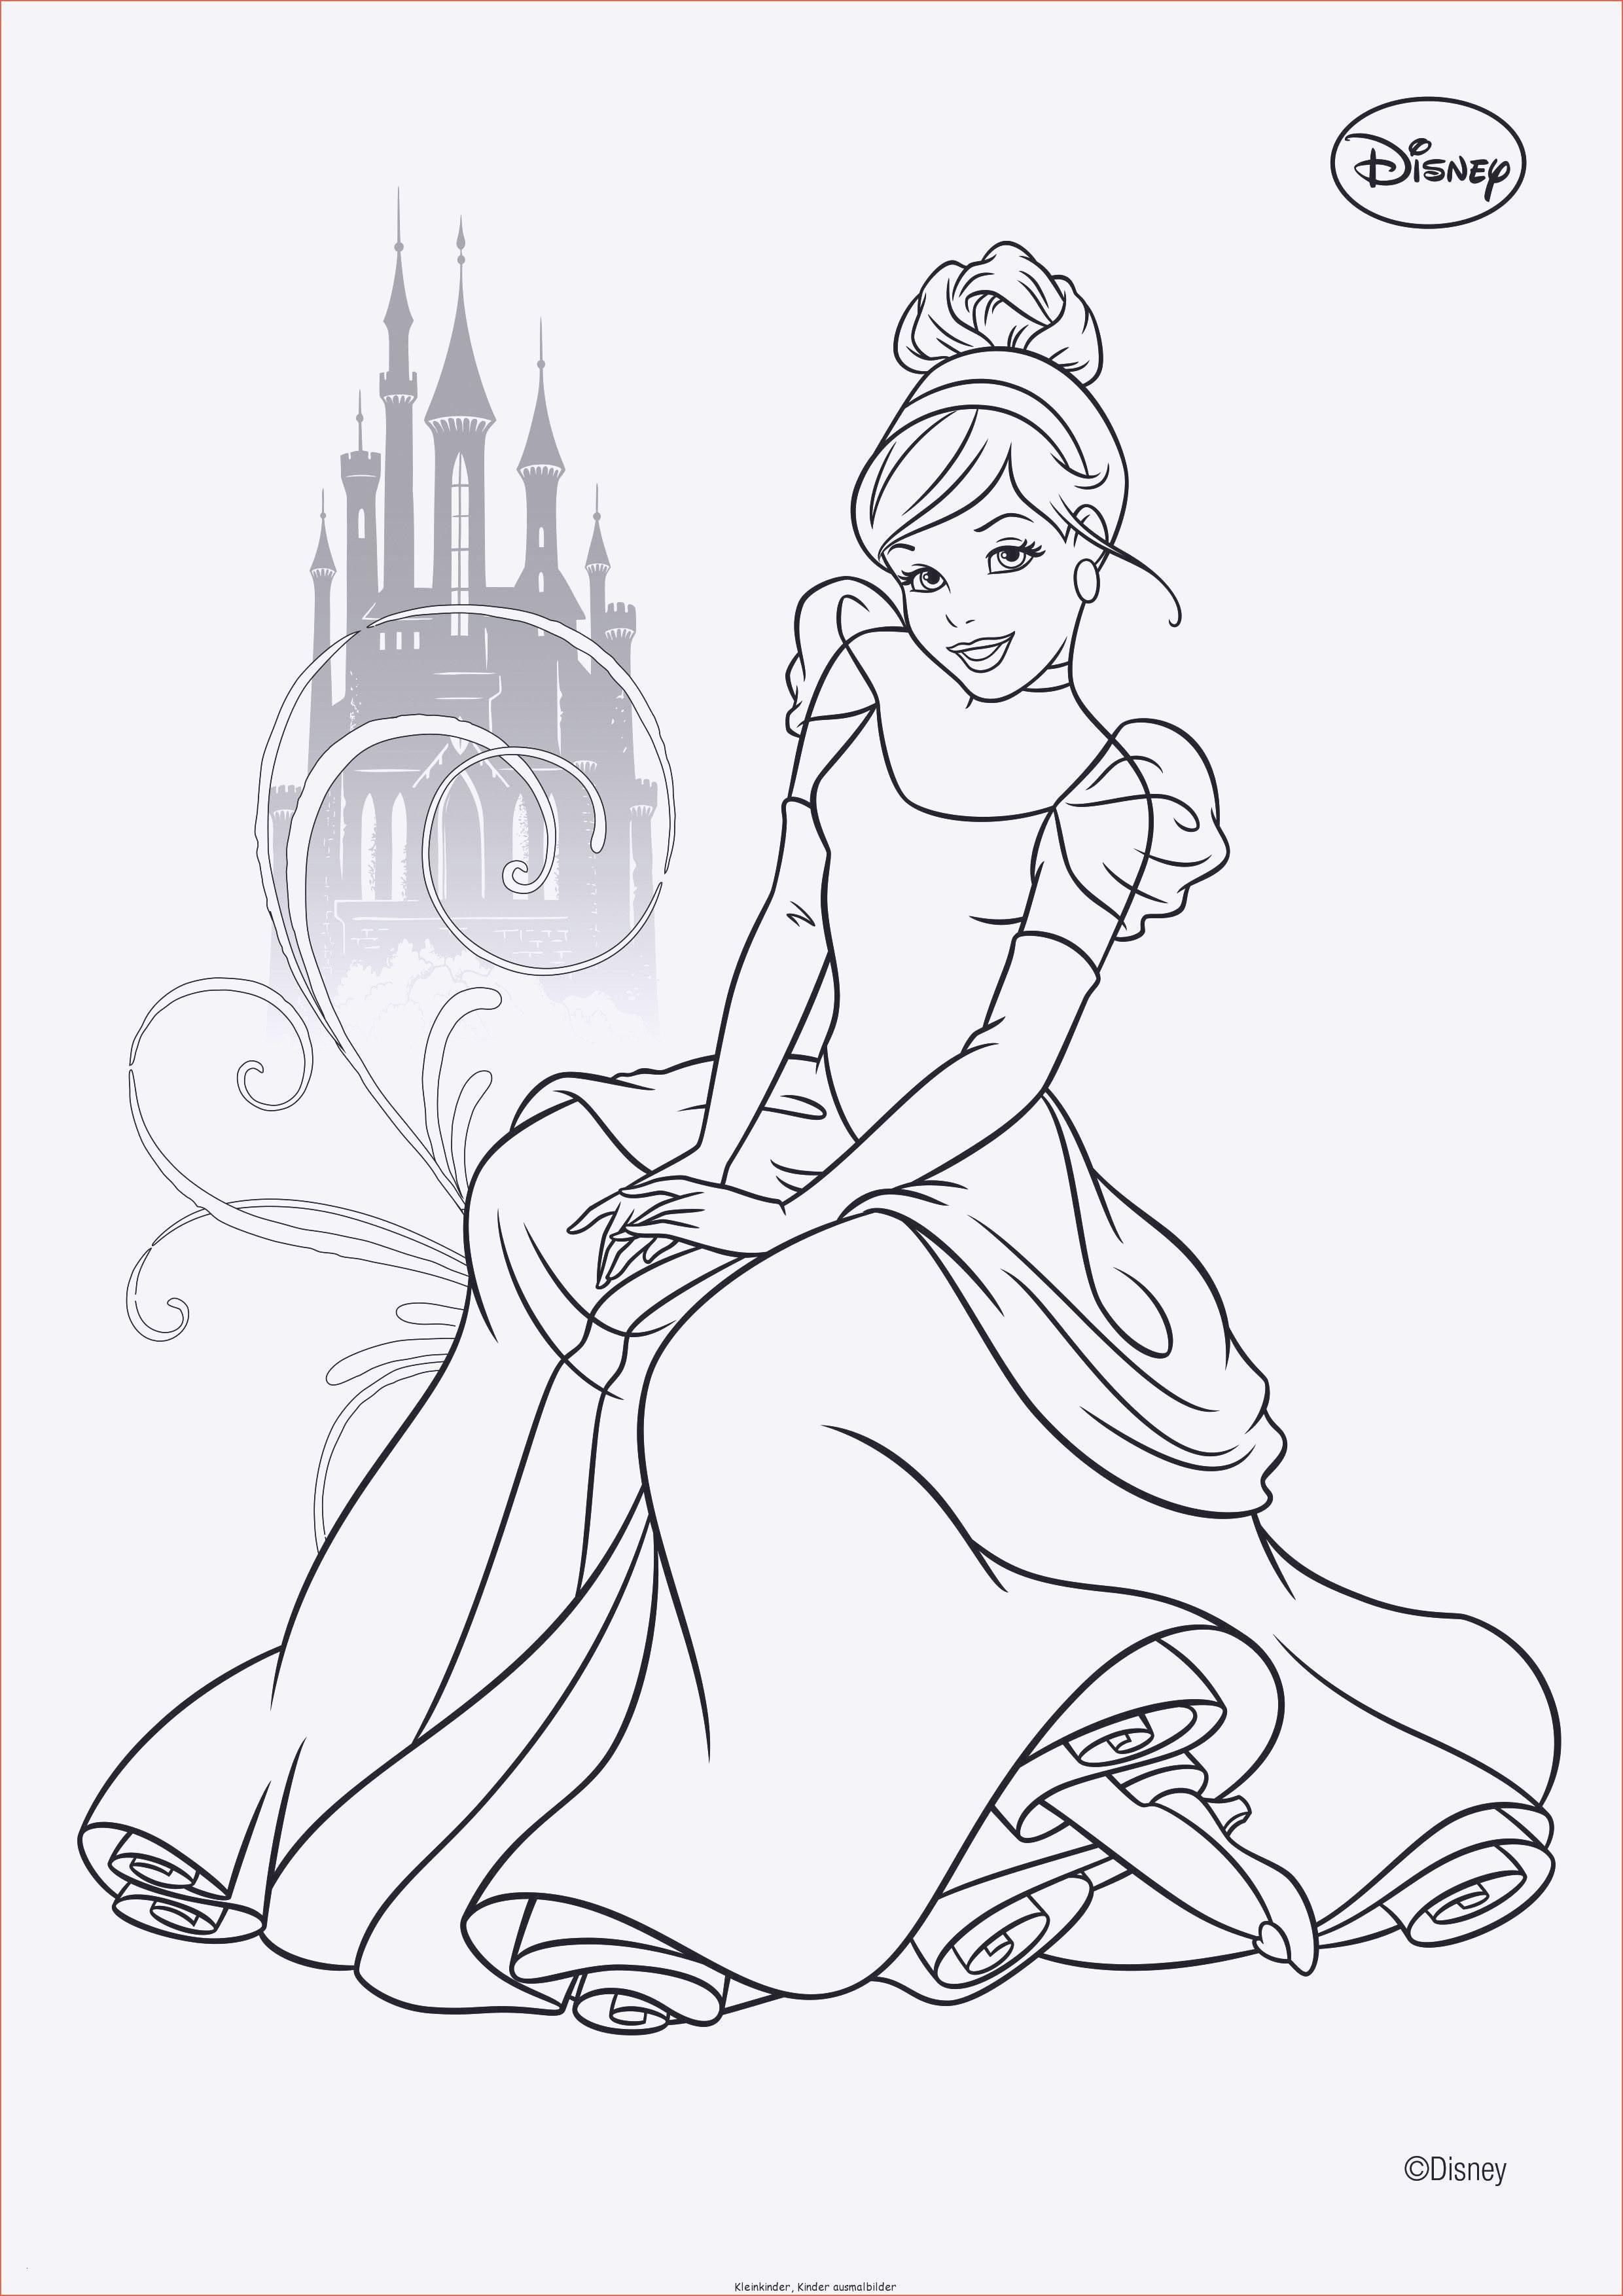 Pippi Langstrumpf Ausmalbilder Das Beste Von 40 Ausmalbilder Prinzessin Elsa Scoredatscore Genial Kostenlose Fotografieren